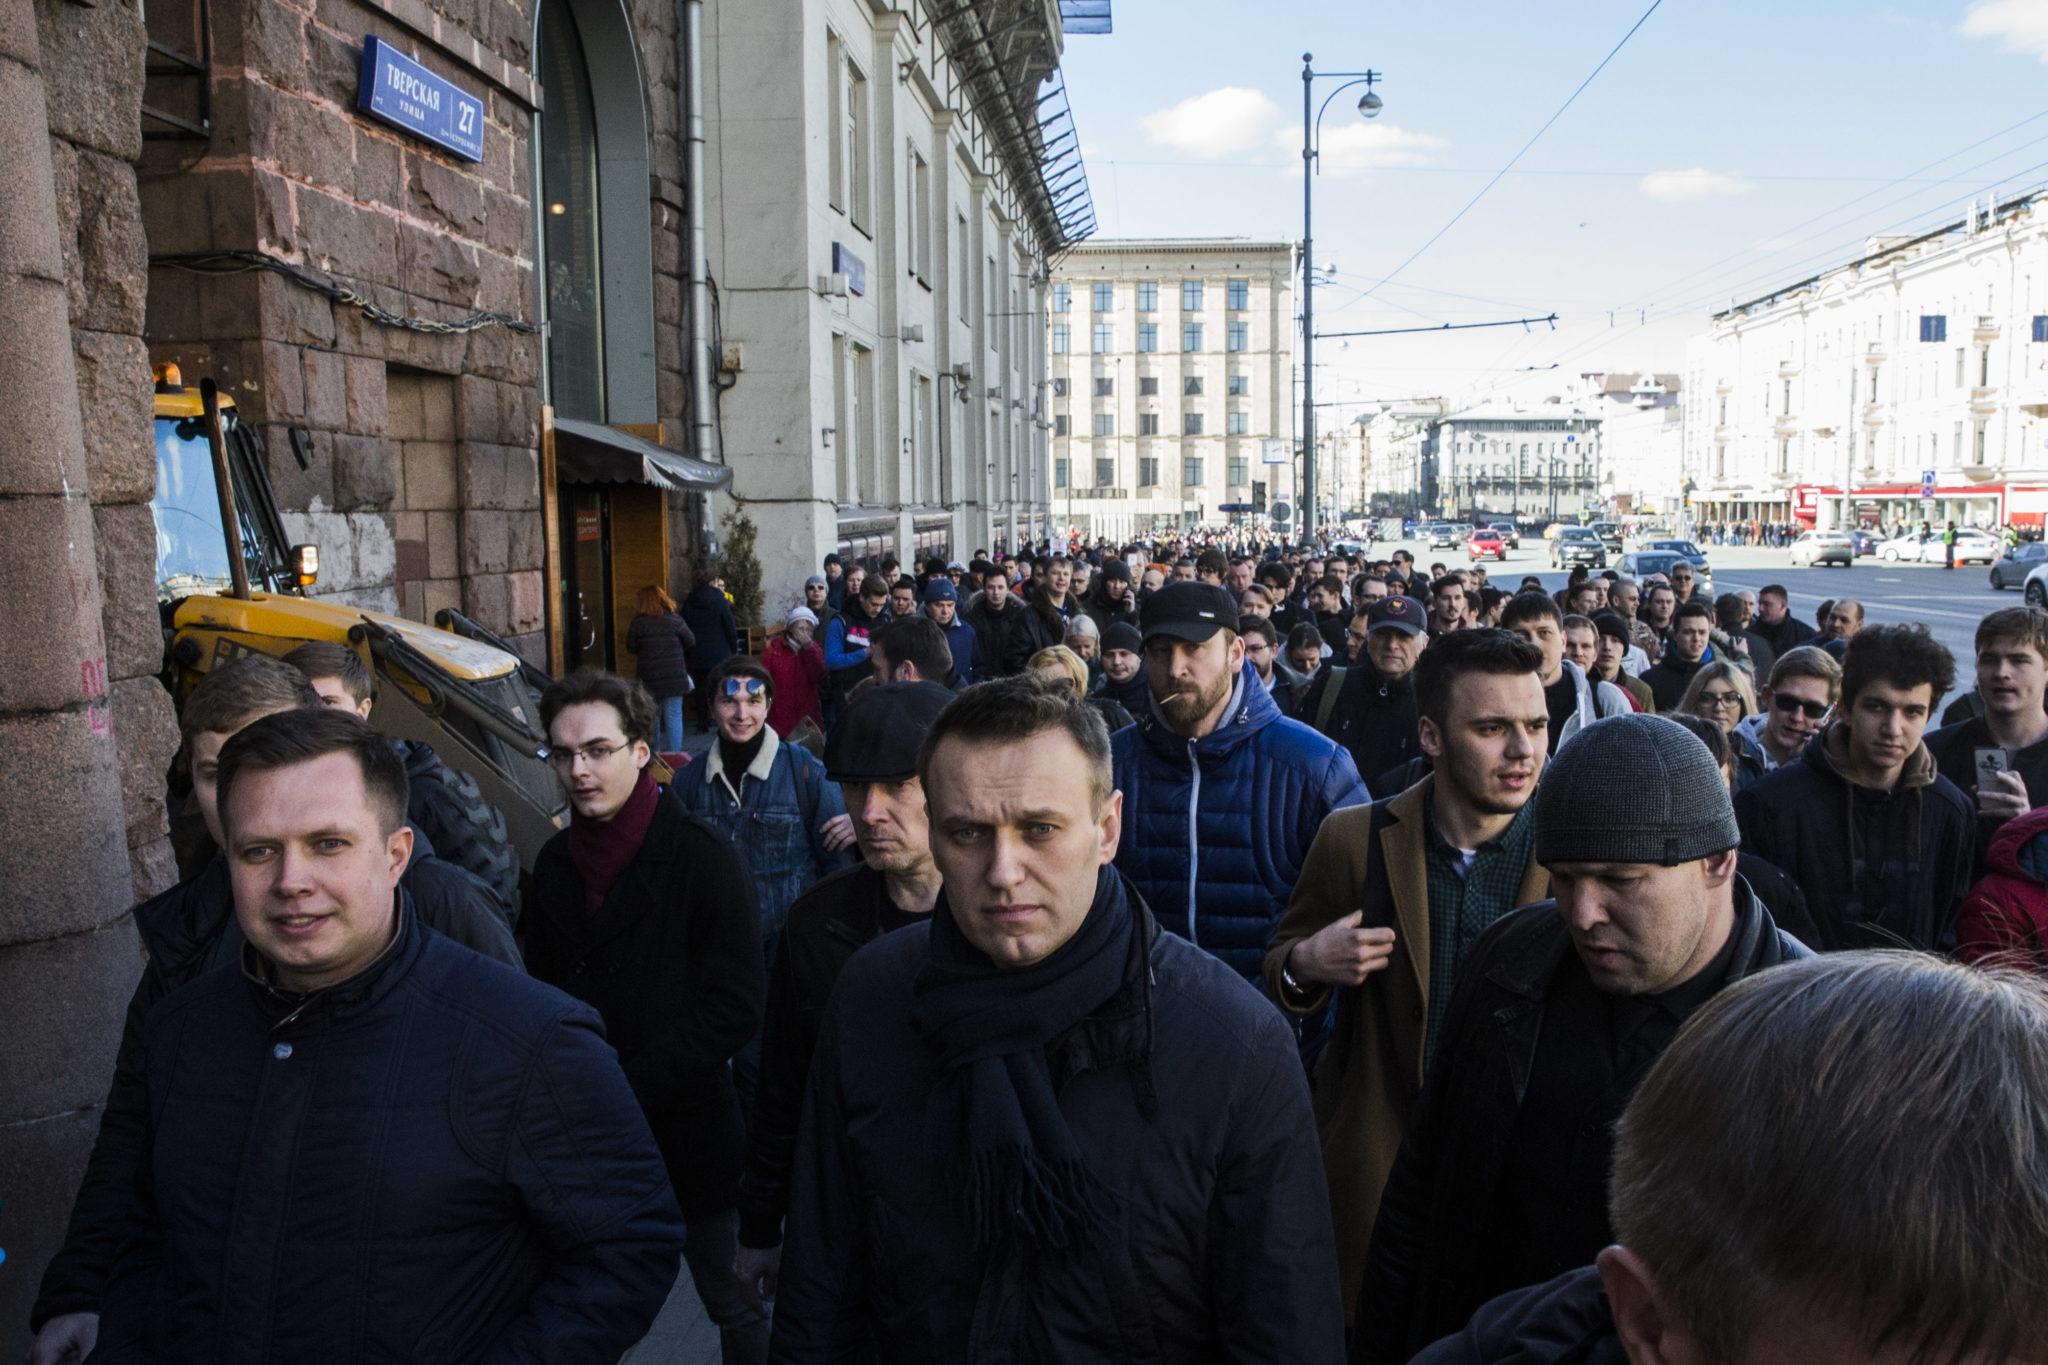 Navalny/FBK case